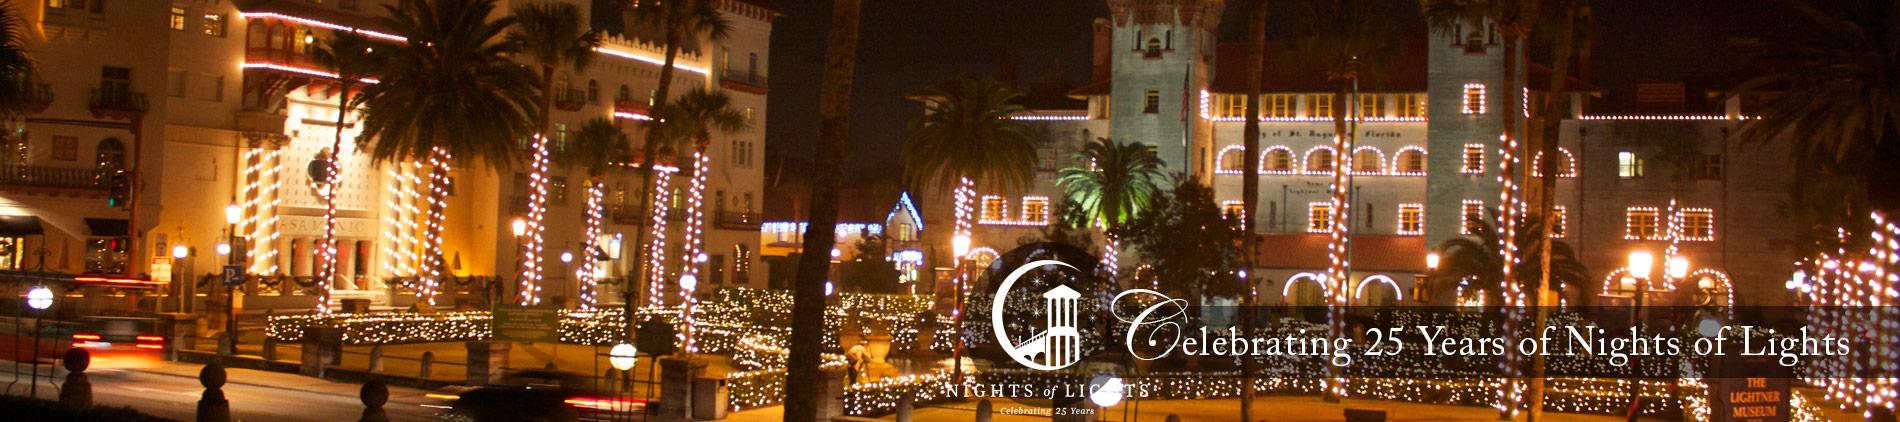 St Augustine Lights Slide background